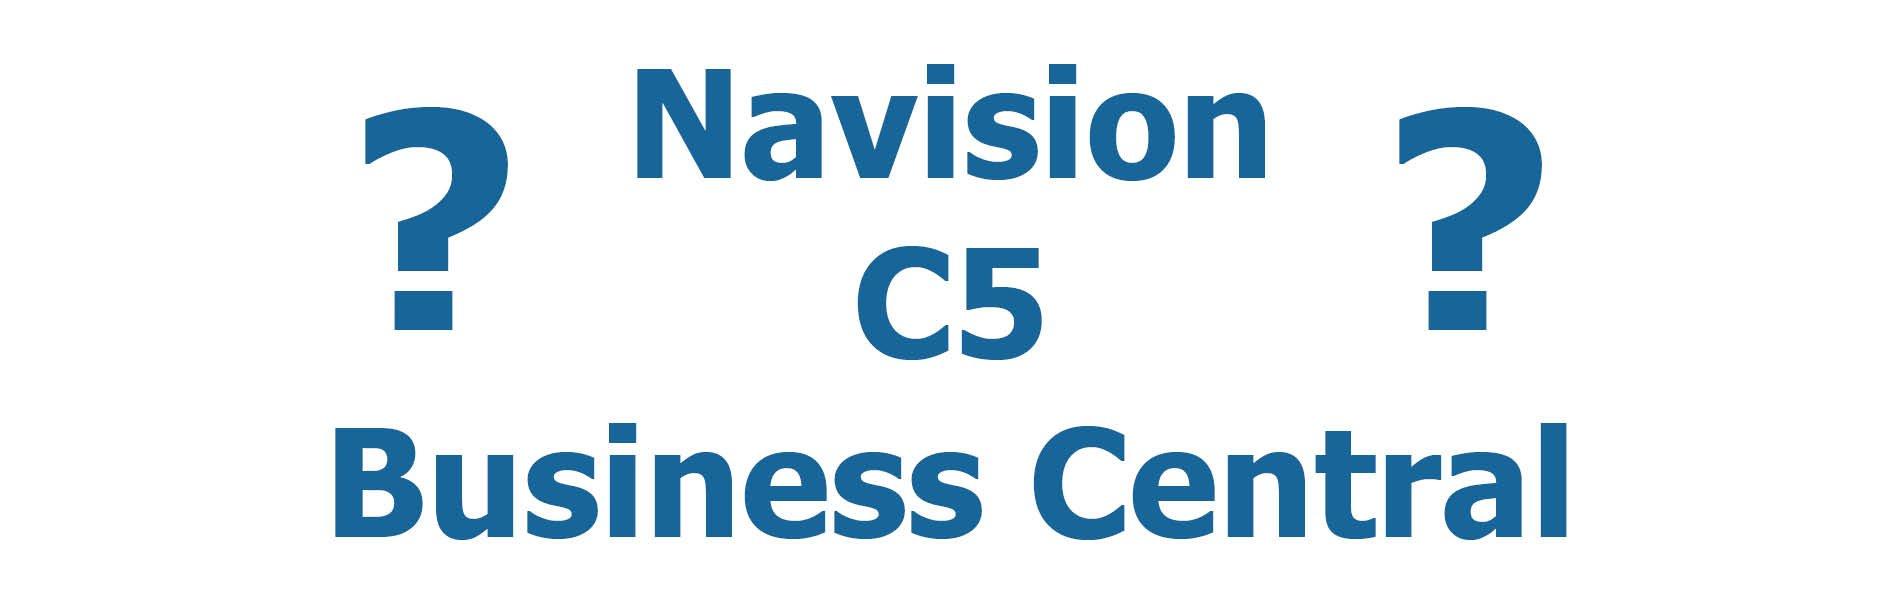 Navision, C5, Blog